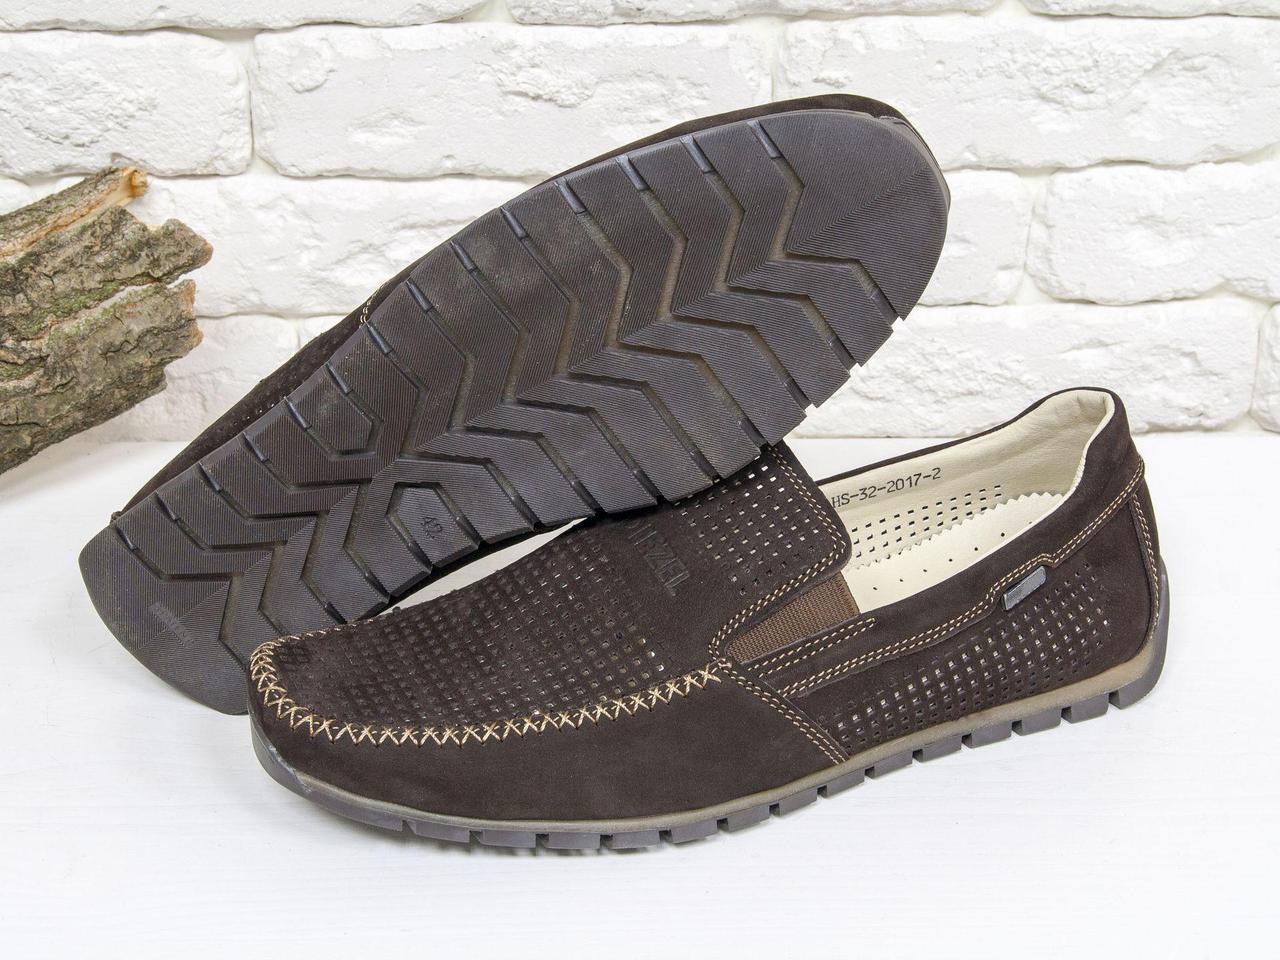 Летние мужские Туфли мокасины из перфорированной замши темно коричневого цвета, на эластичной подошве Т-32